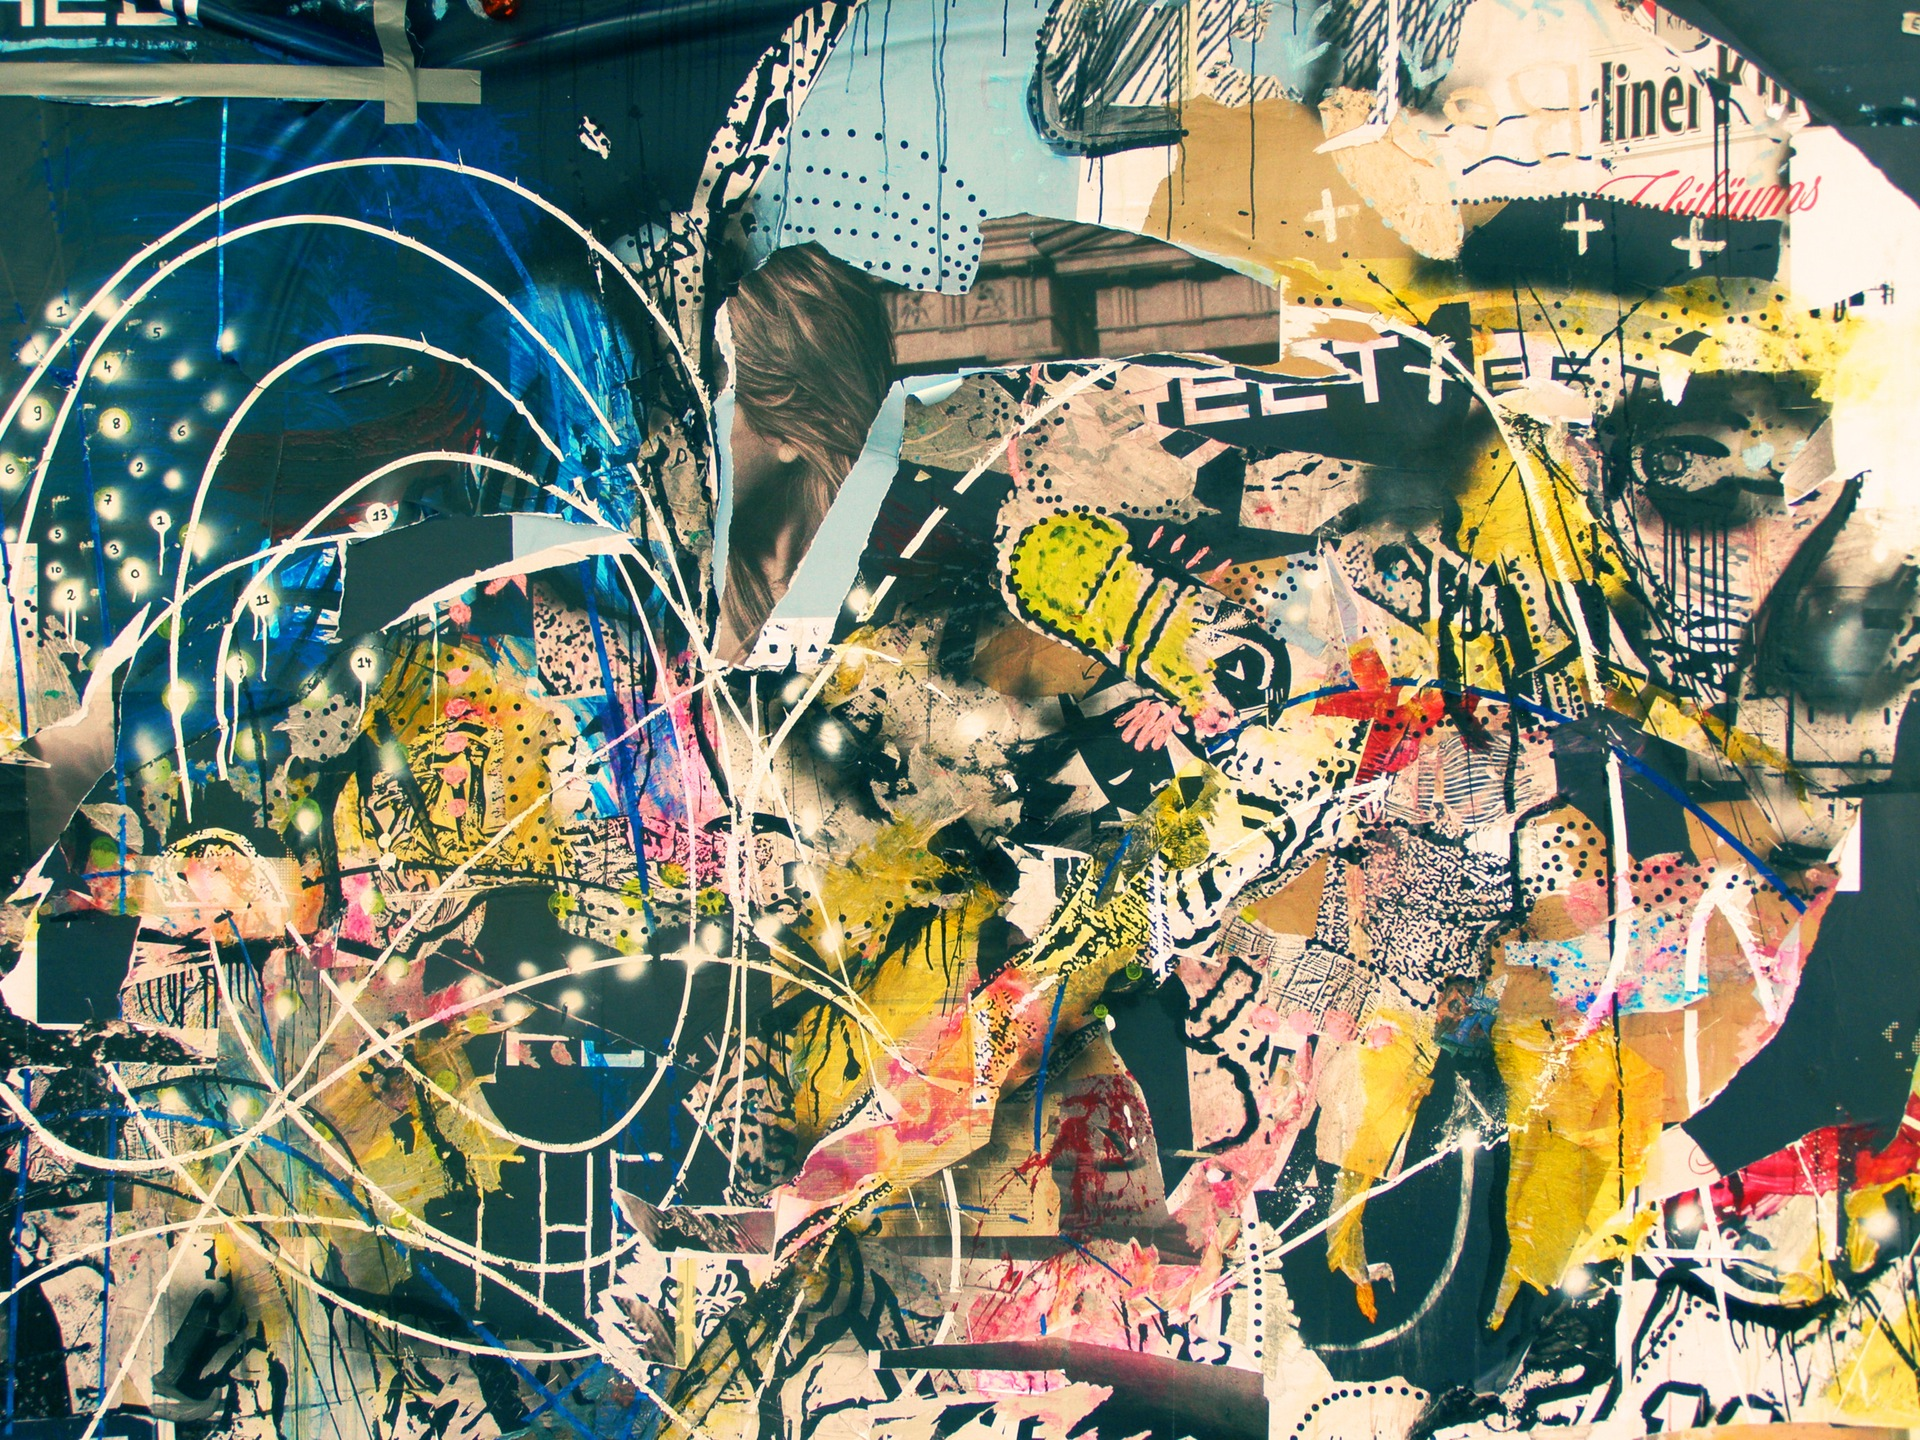 Graffiti, Kunst, Inspiration, Straße, Urban - HD wallpaper - Prof.-falken.com